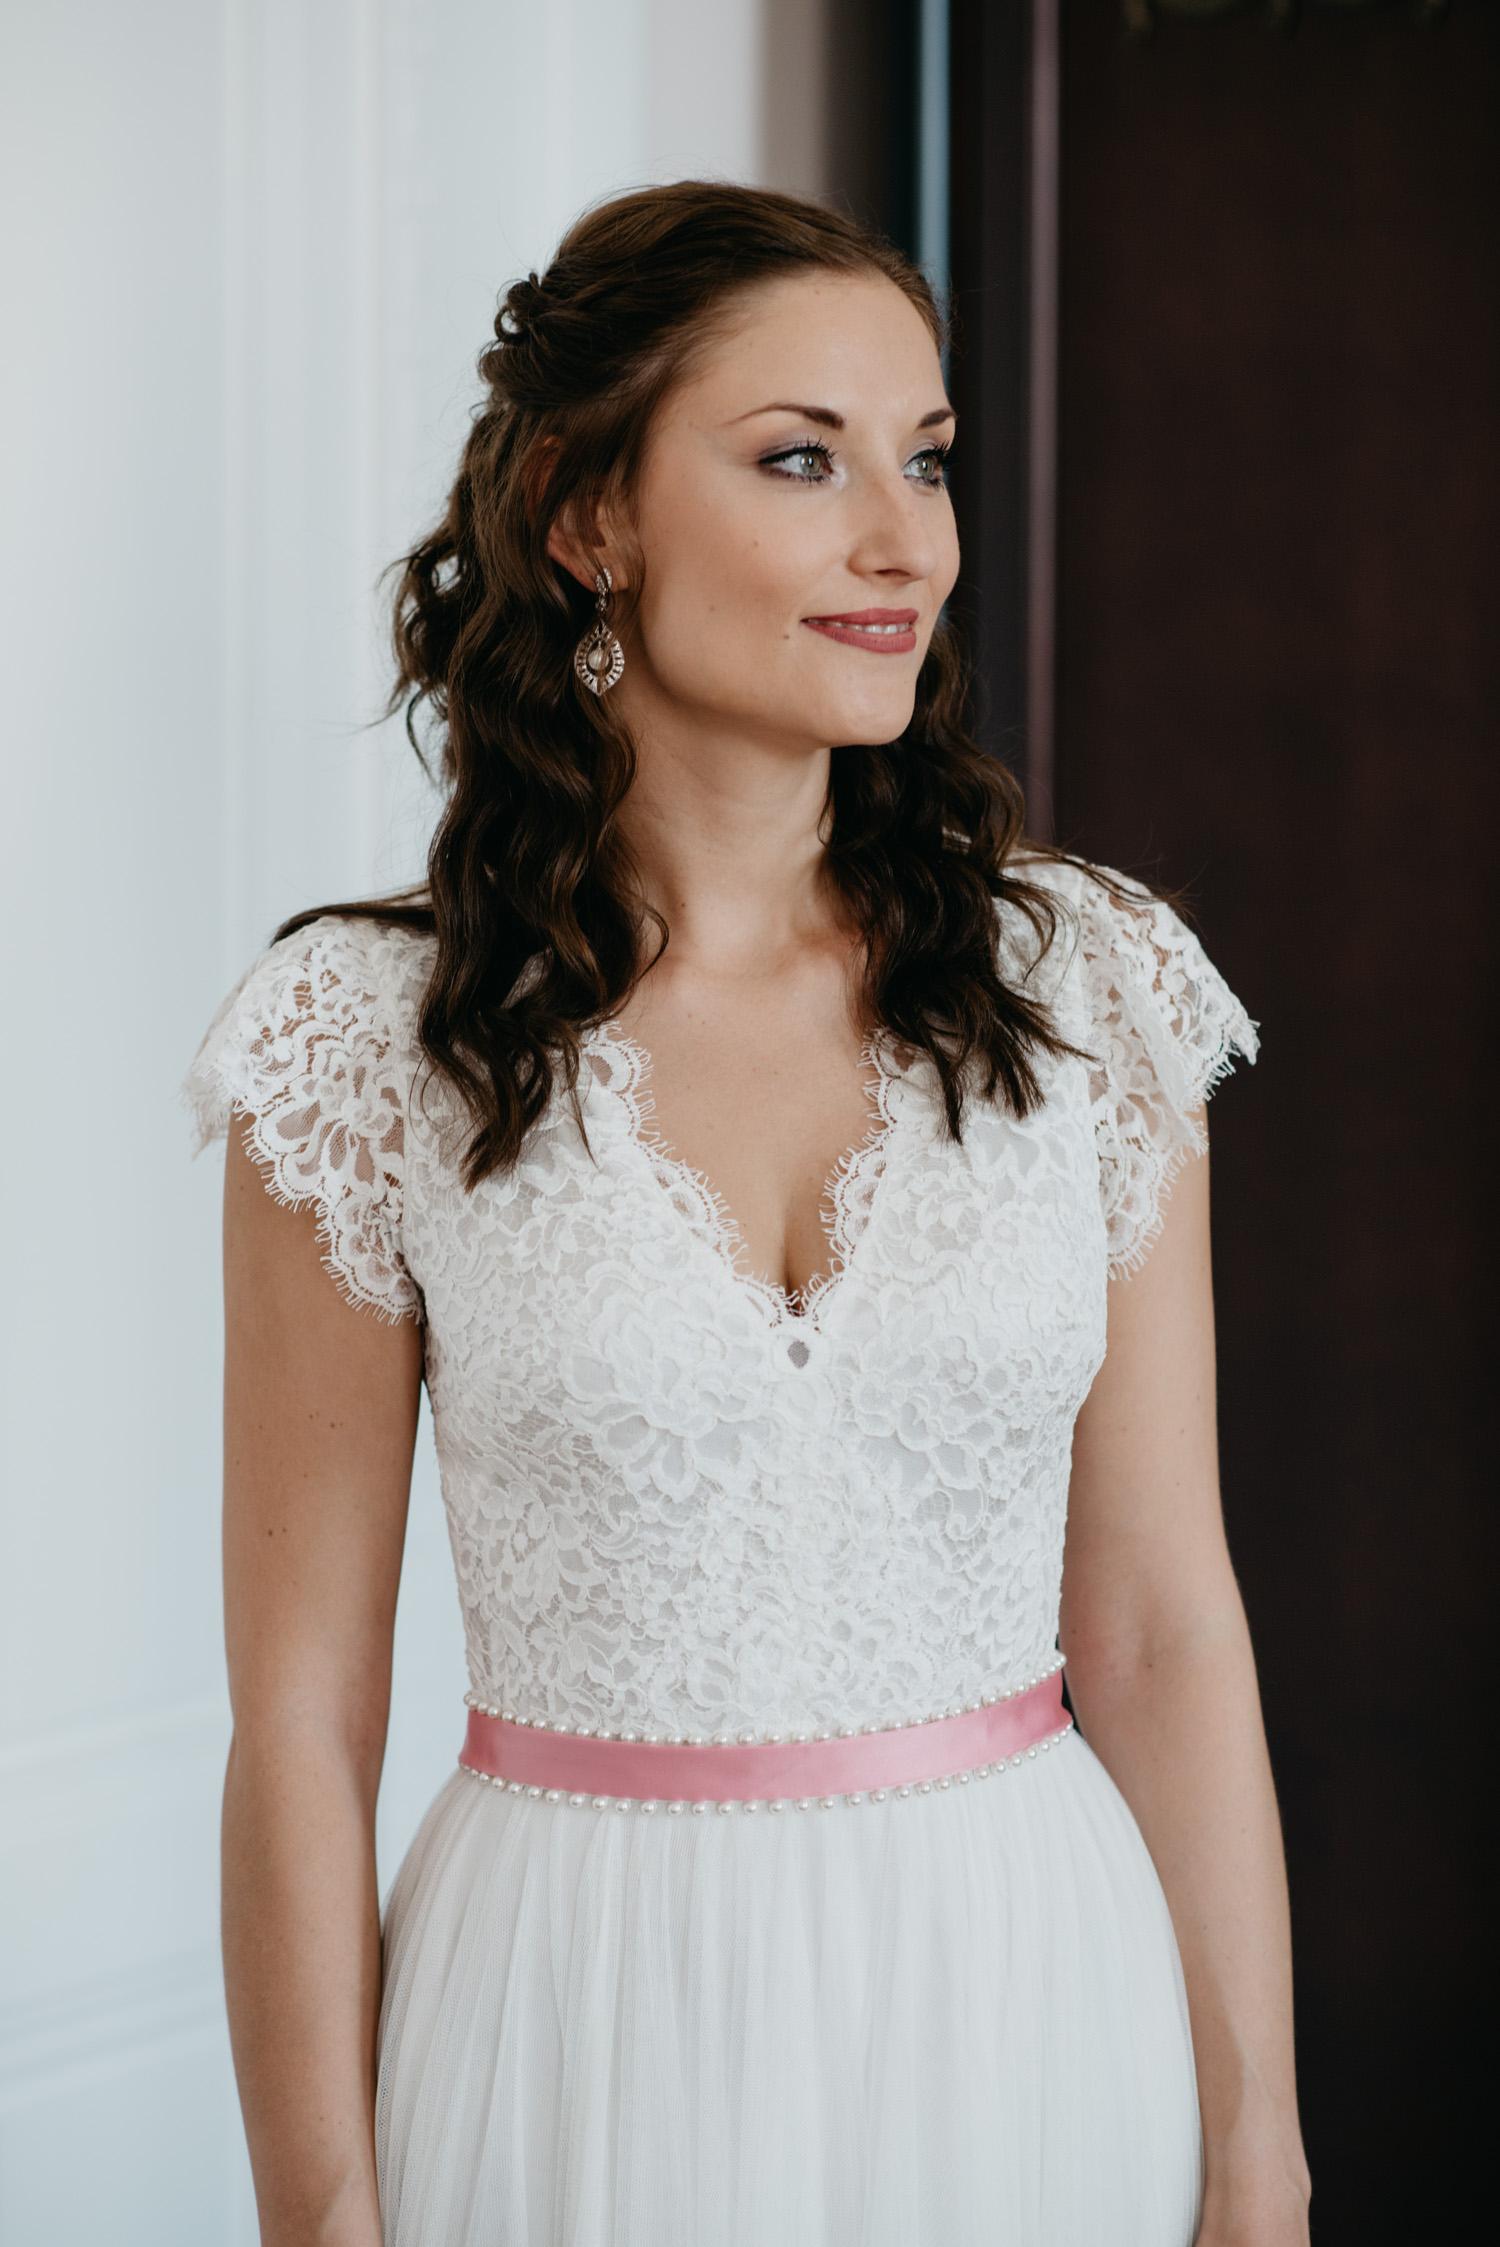 solya-mike-hochzeitsfotografin-hochzeitsfotografen-wien-hermesvilla-wedding-photographer-vienna-austria-68 Hochzeitstipps Teil 1 - Das Getting Ready